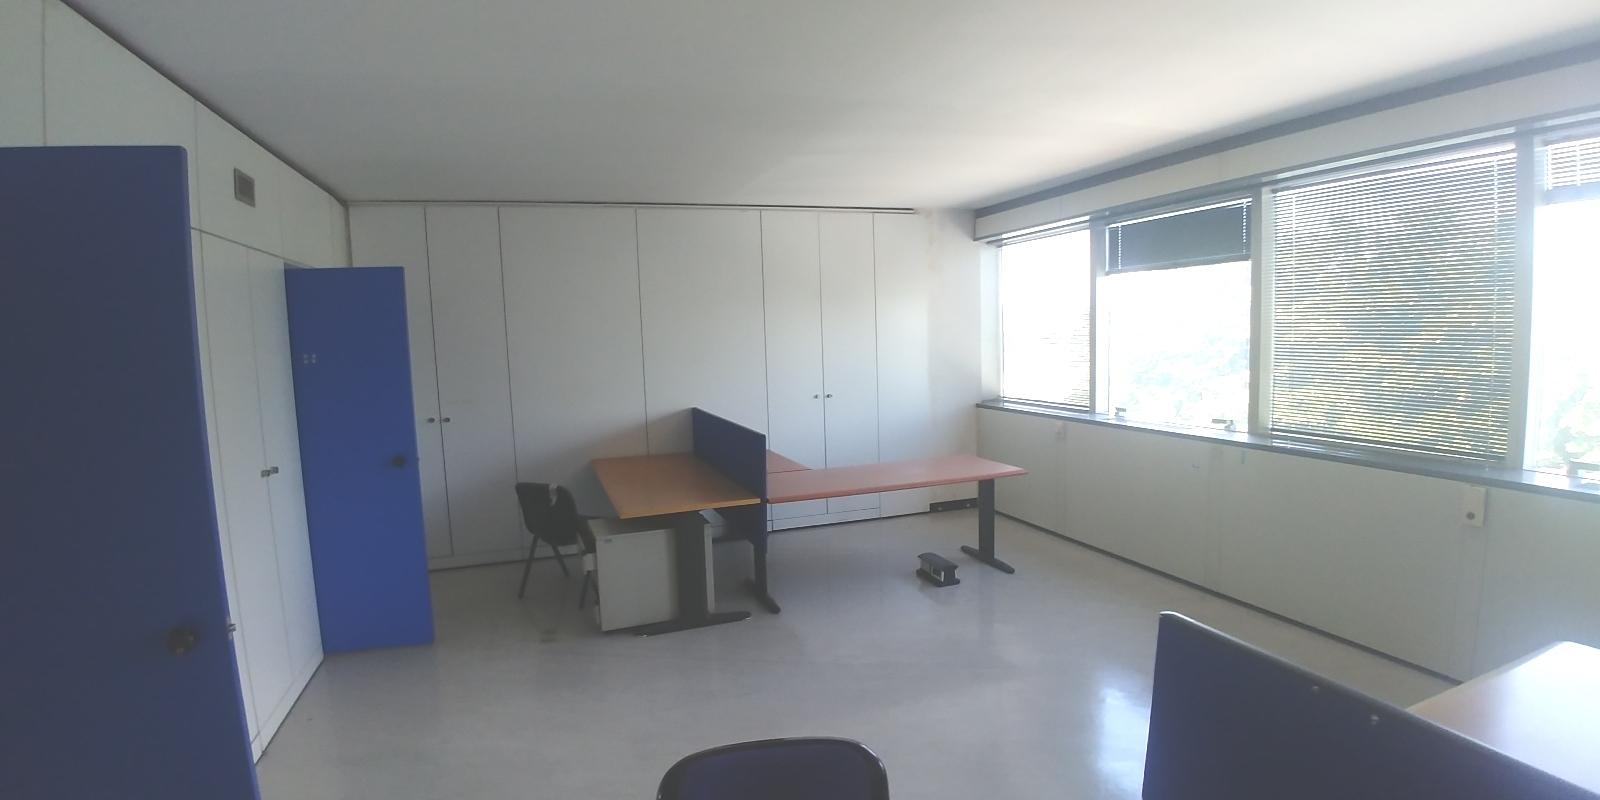 capannone,negozio,ufficio in Affitto  zona - a vimodrone - RIF. UL1383